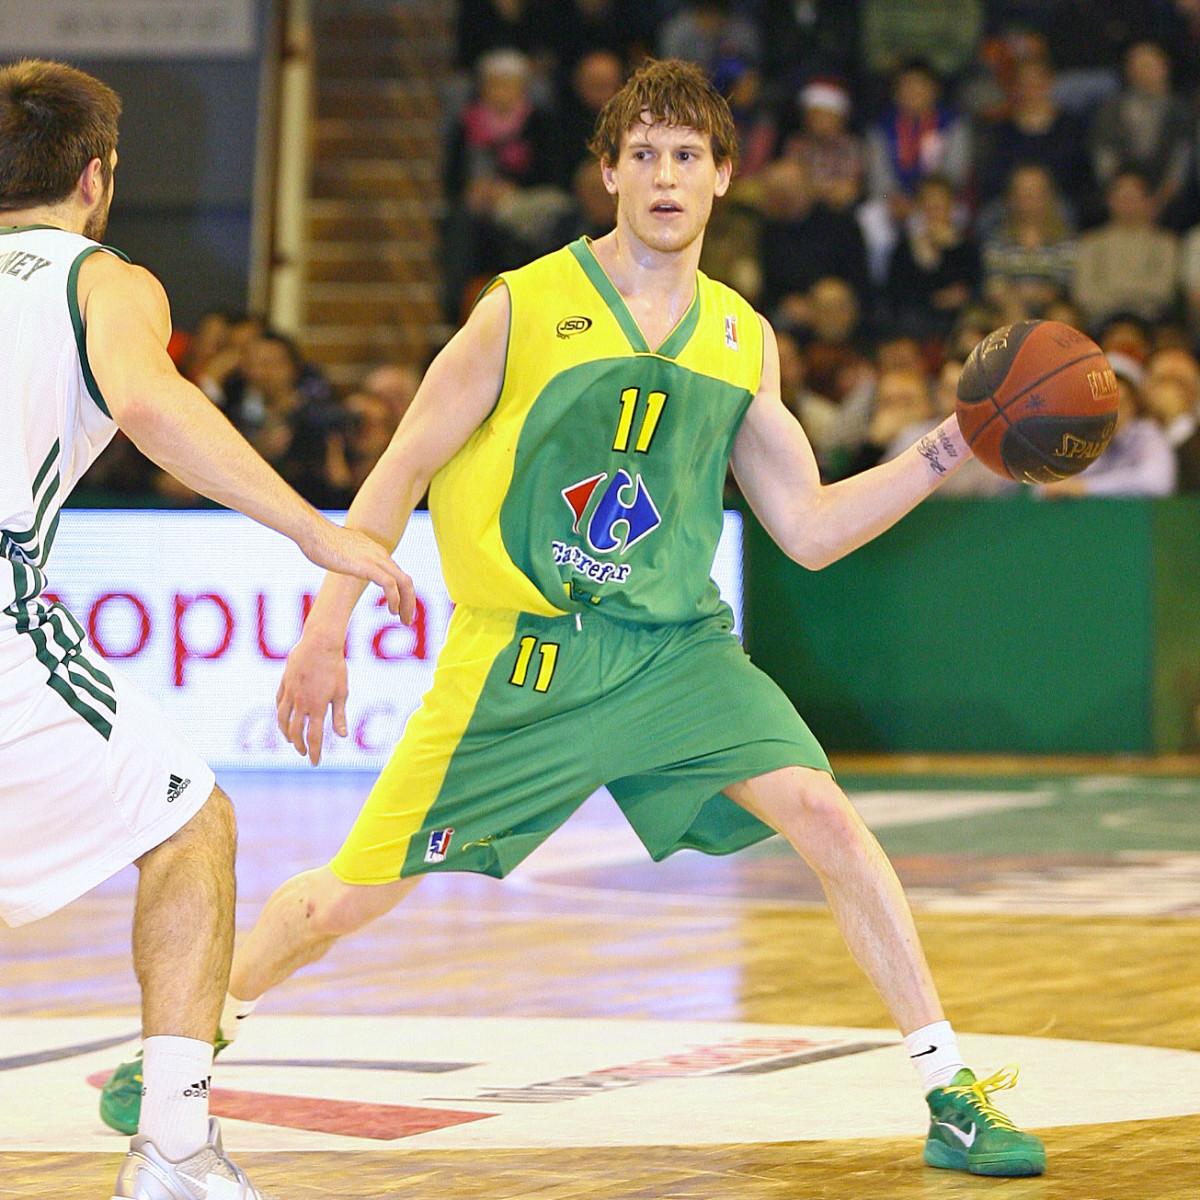 Photo of Antoine Eito, 2011-2012 season